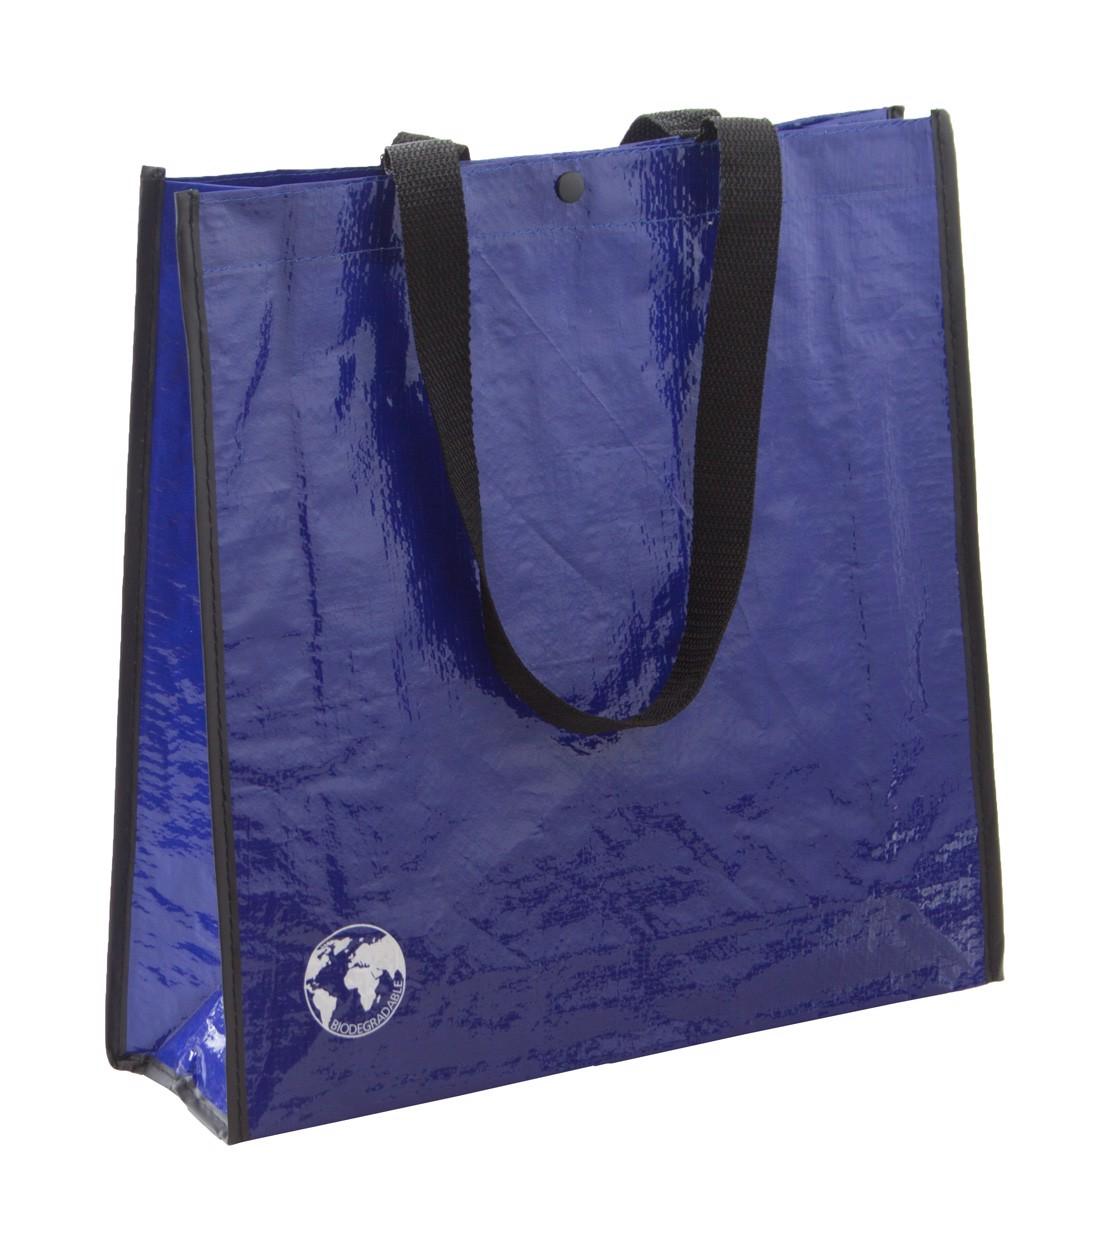 Nákupní Taška Z Recyklovaného Materiálu Recycle - Modrá / Černá